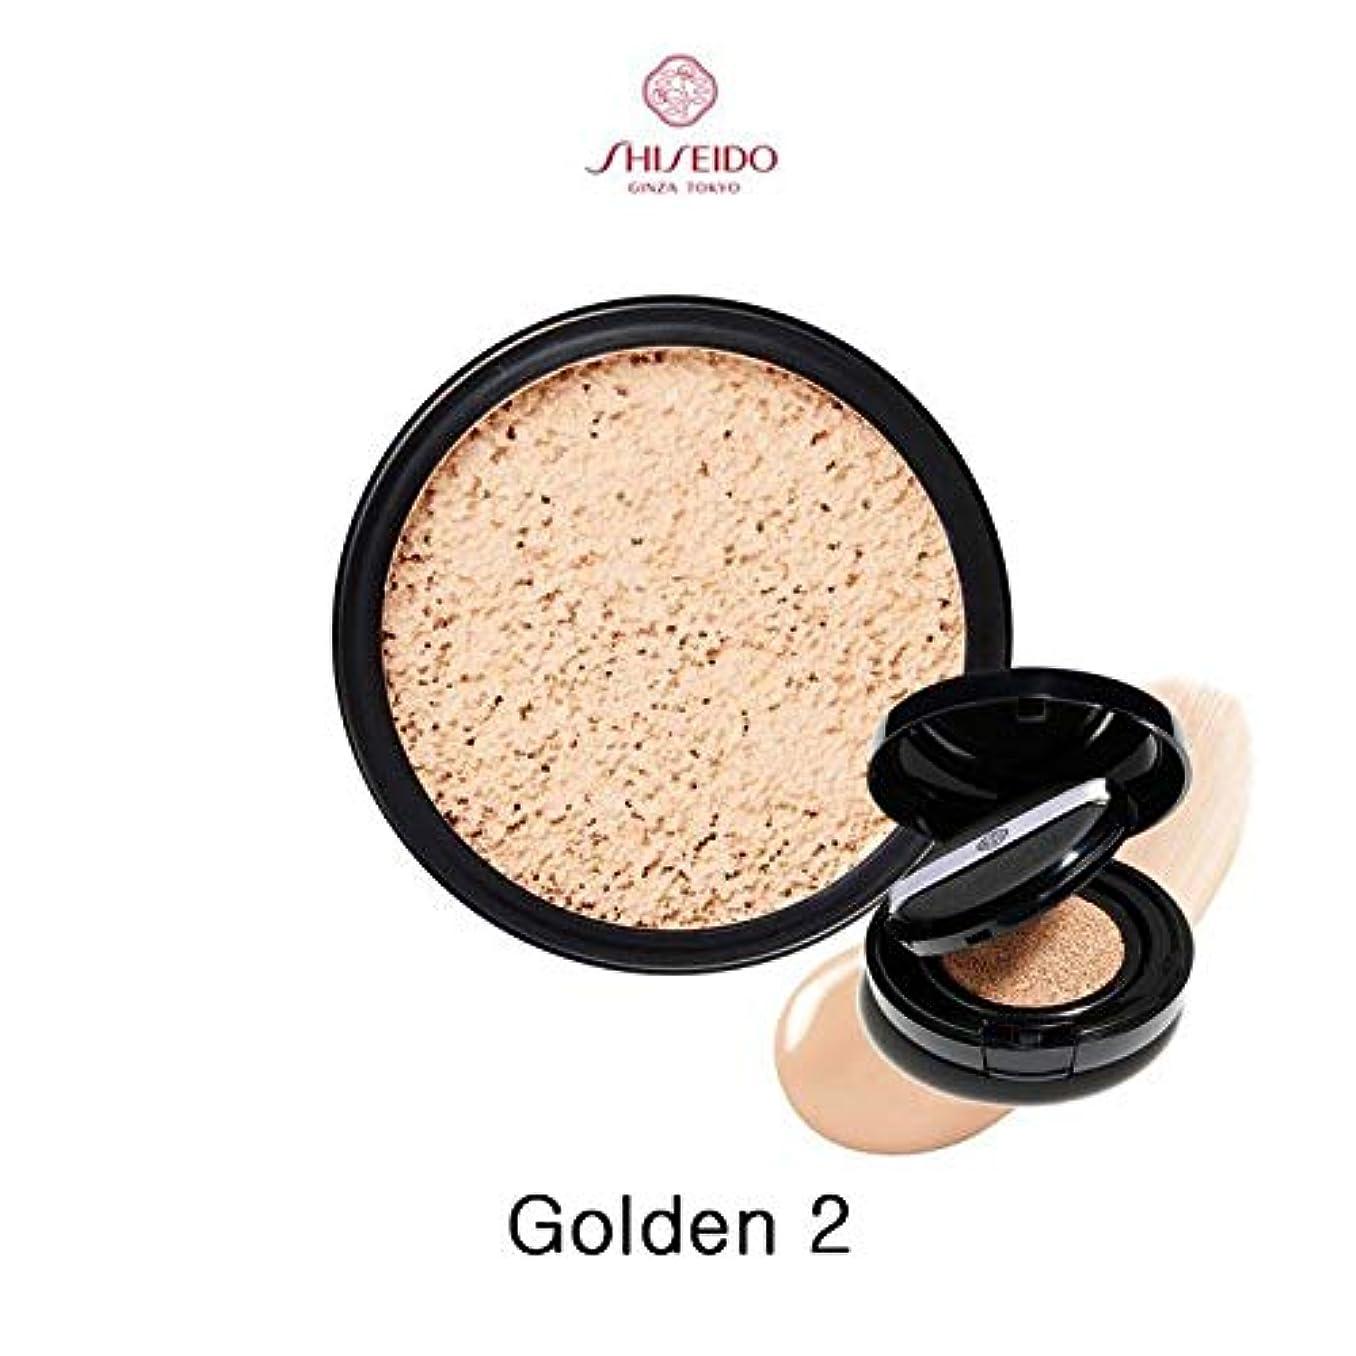 潤滑する難しい重さSHISEIDO 資生堂 シンクロスキン グロー クッションコンパクト オークル10 レフィル(Golden 2)